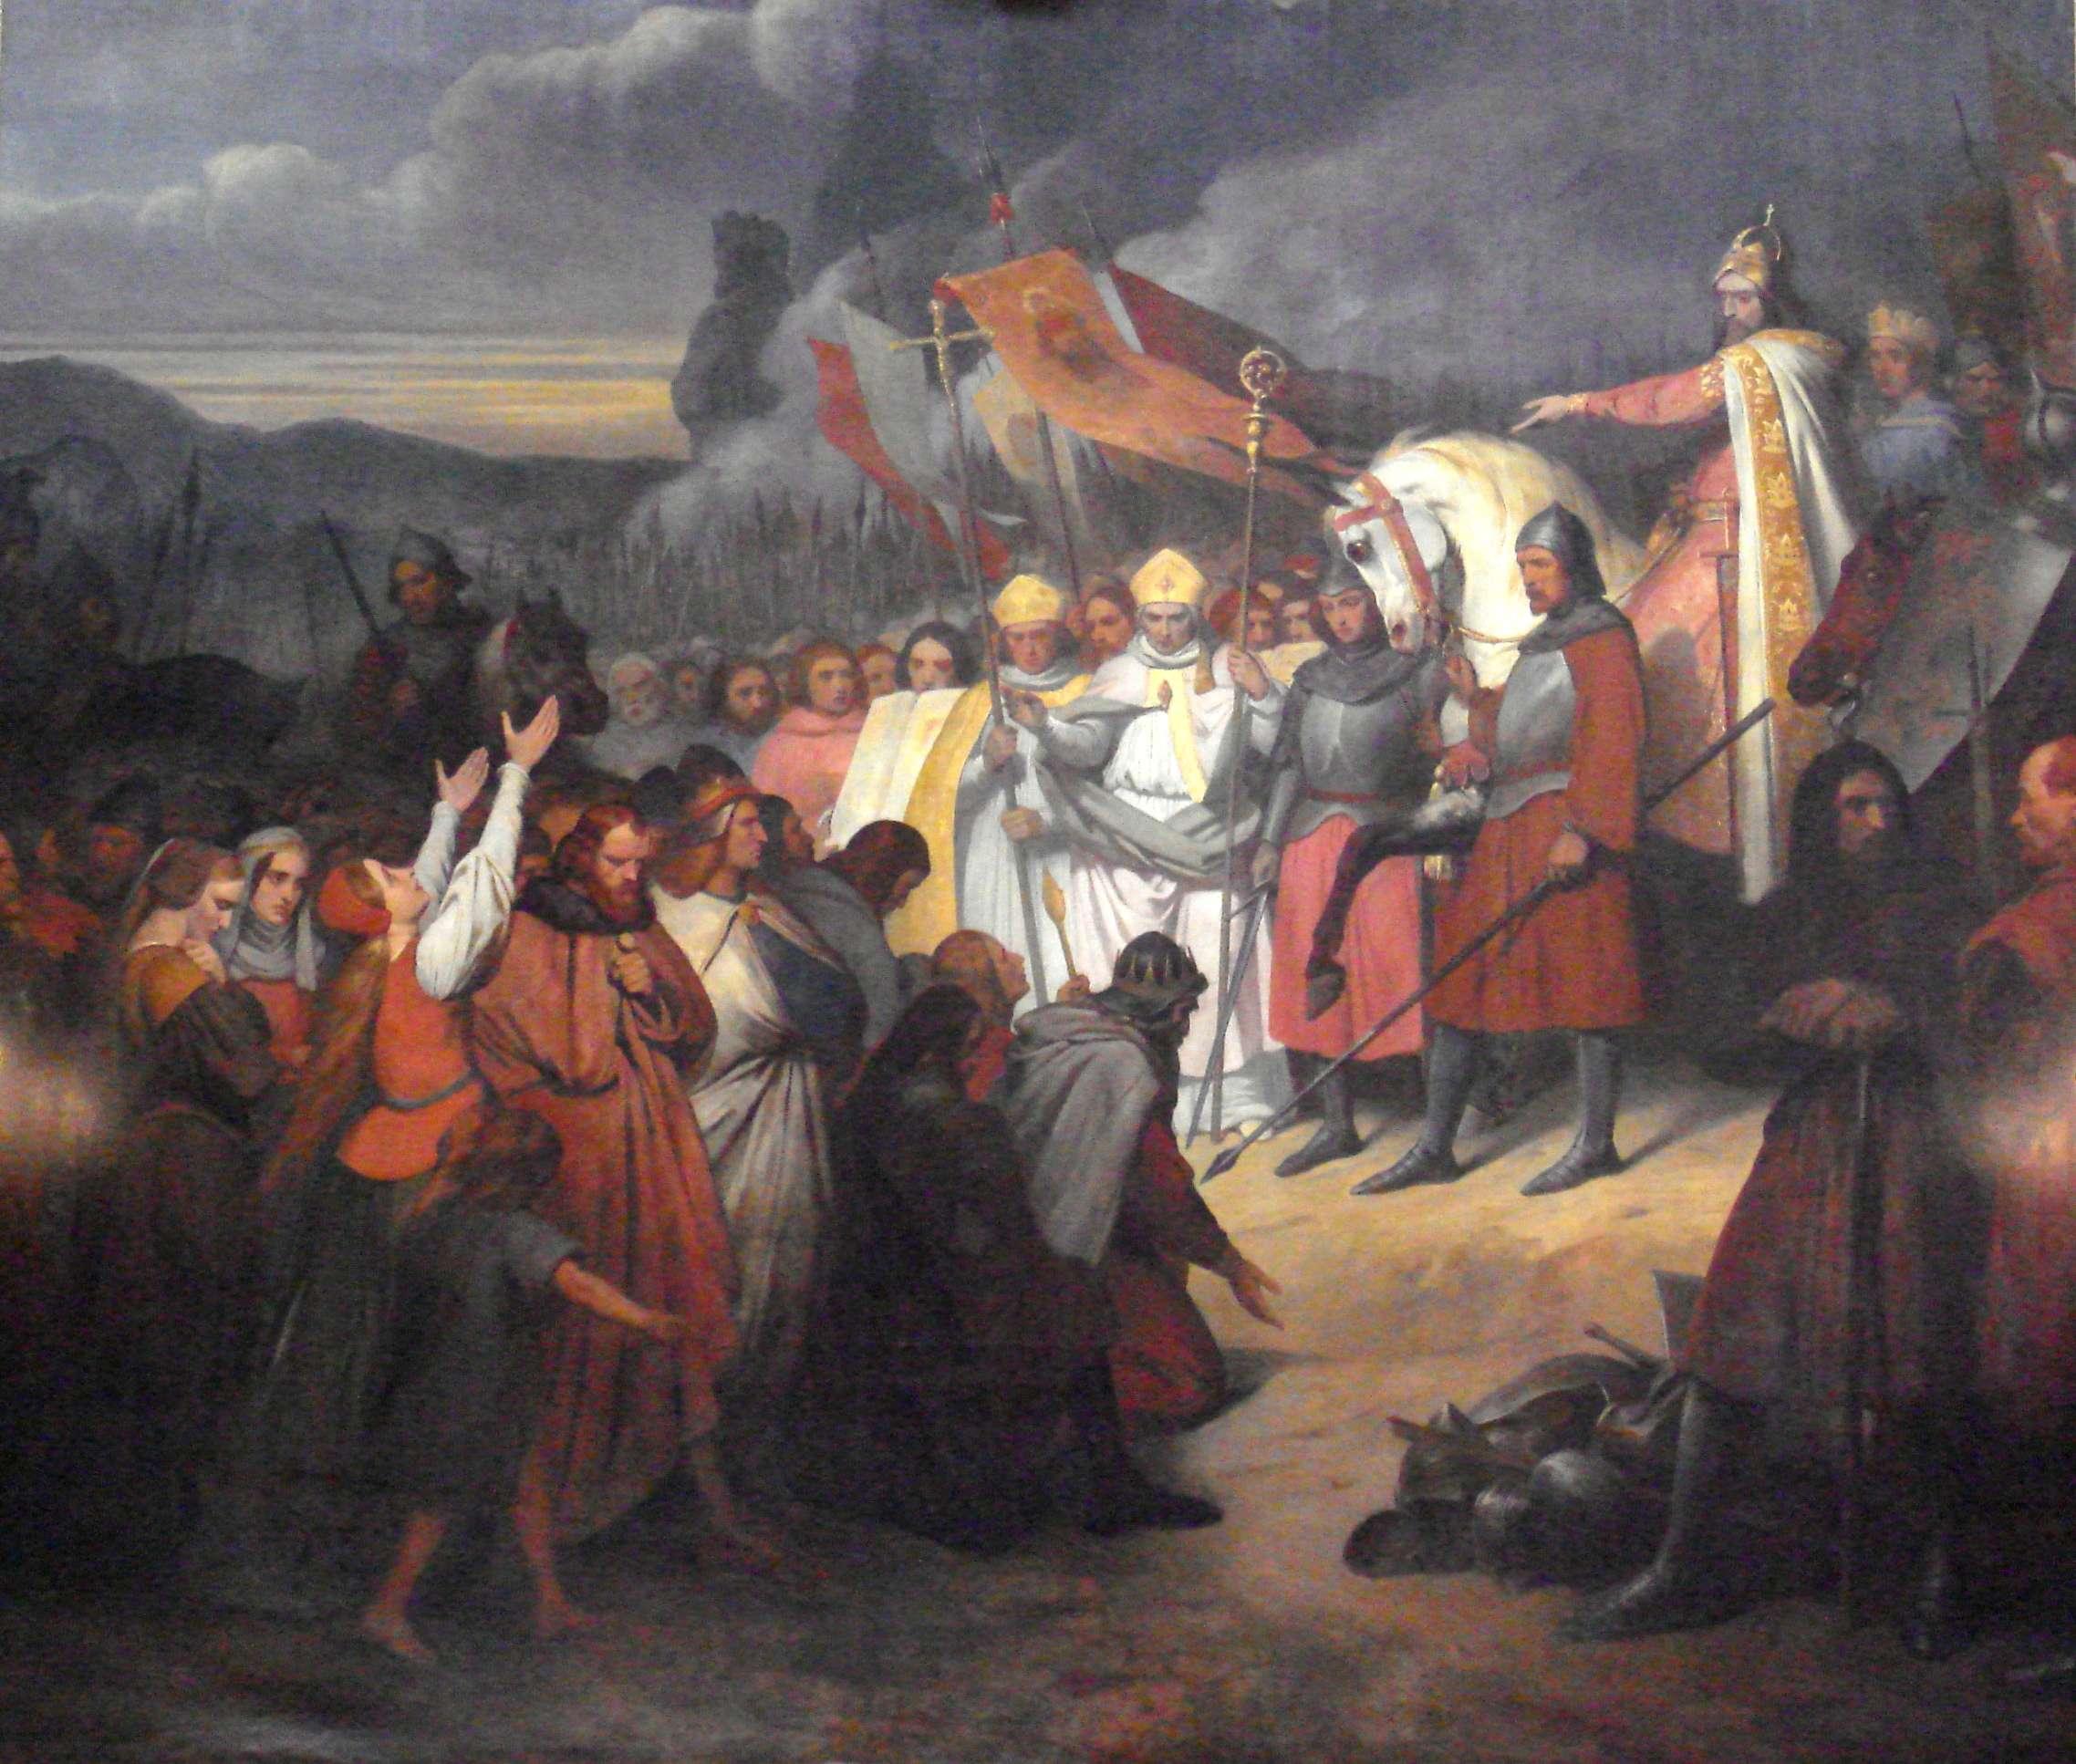 Ο Καρλομάγνος (742–814) αποδεχόμενος την υποταγή του Βίντουκιντ στο Πάτερμπορν το 785, του Αρι Σέφερ (1795–1858). Βερσαλλίες.